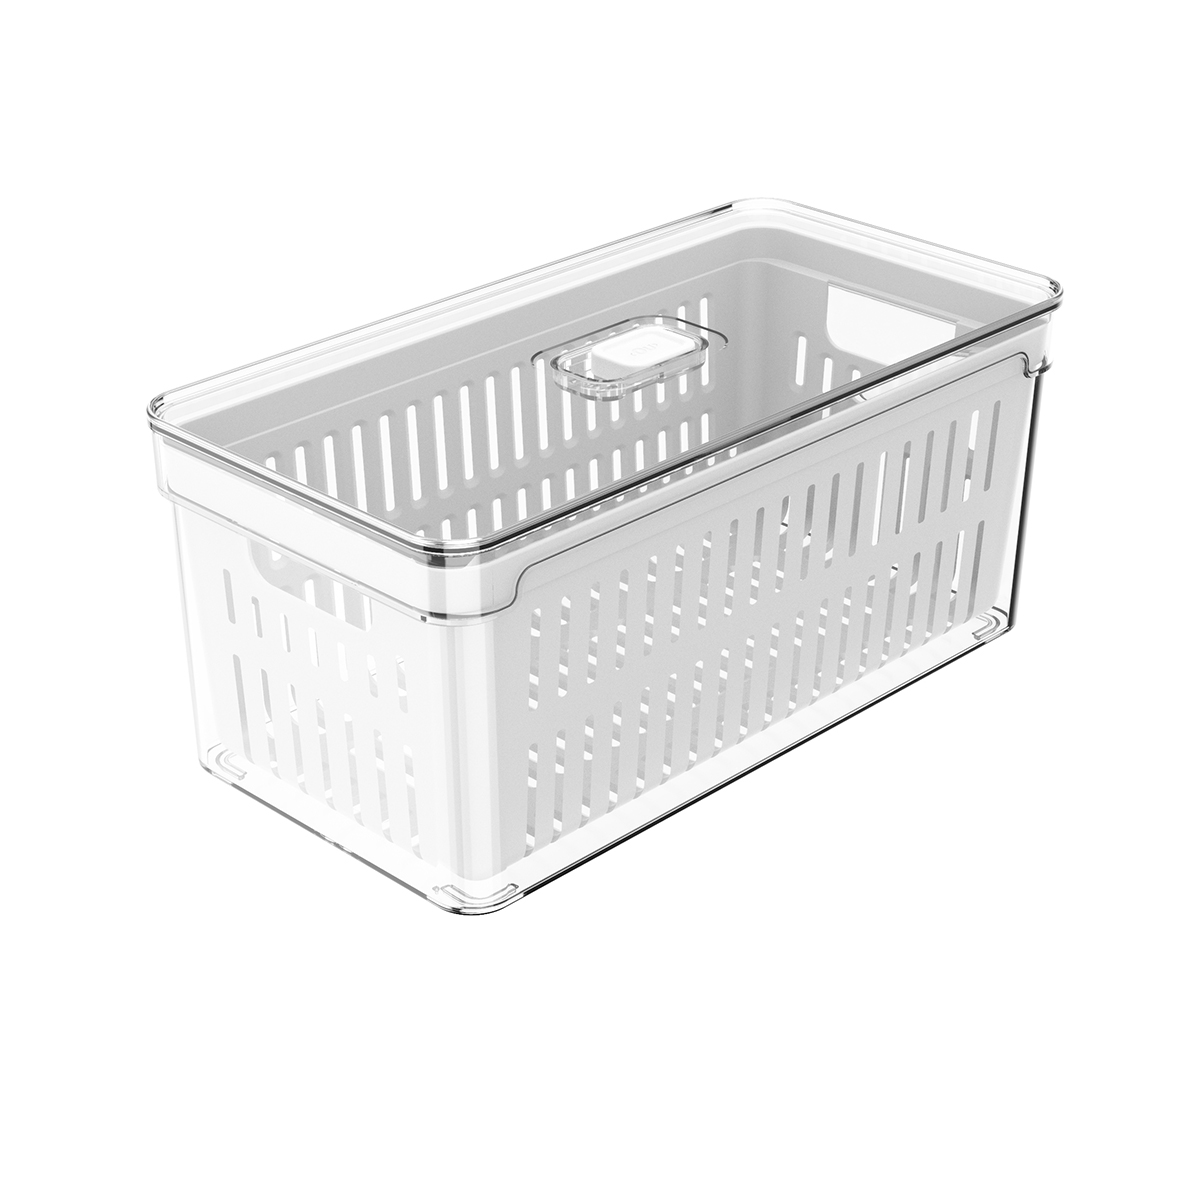 Organizador com cesto para geladeira grande